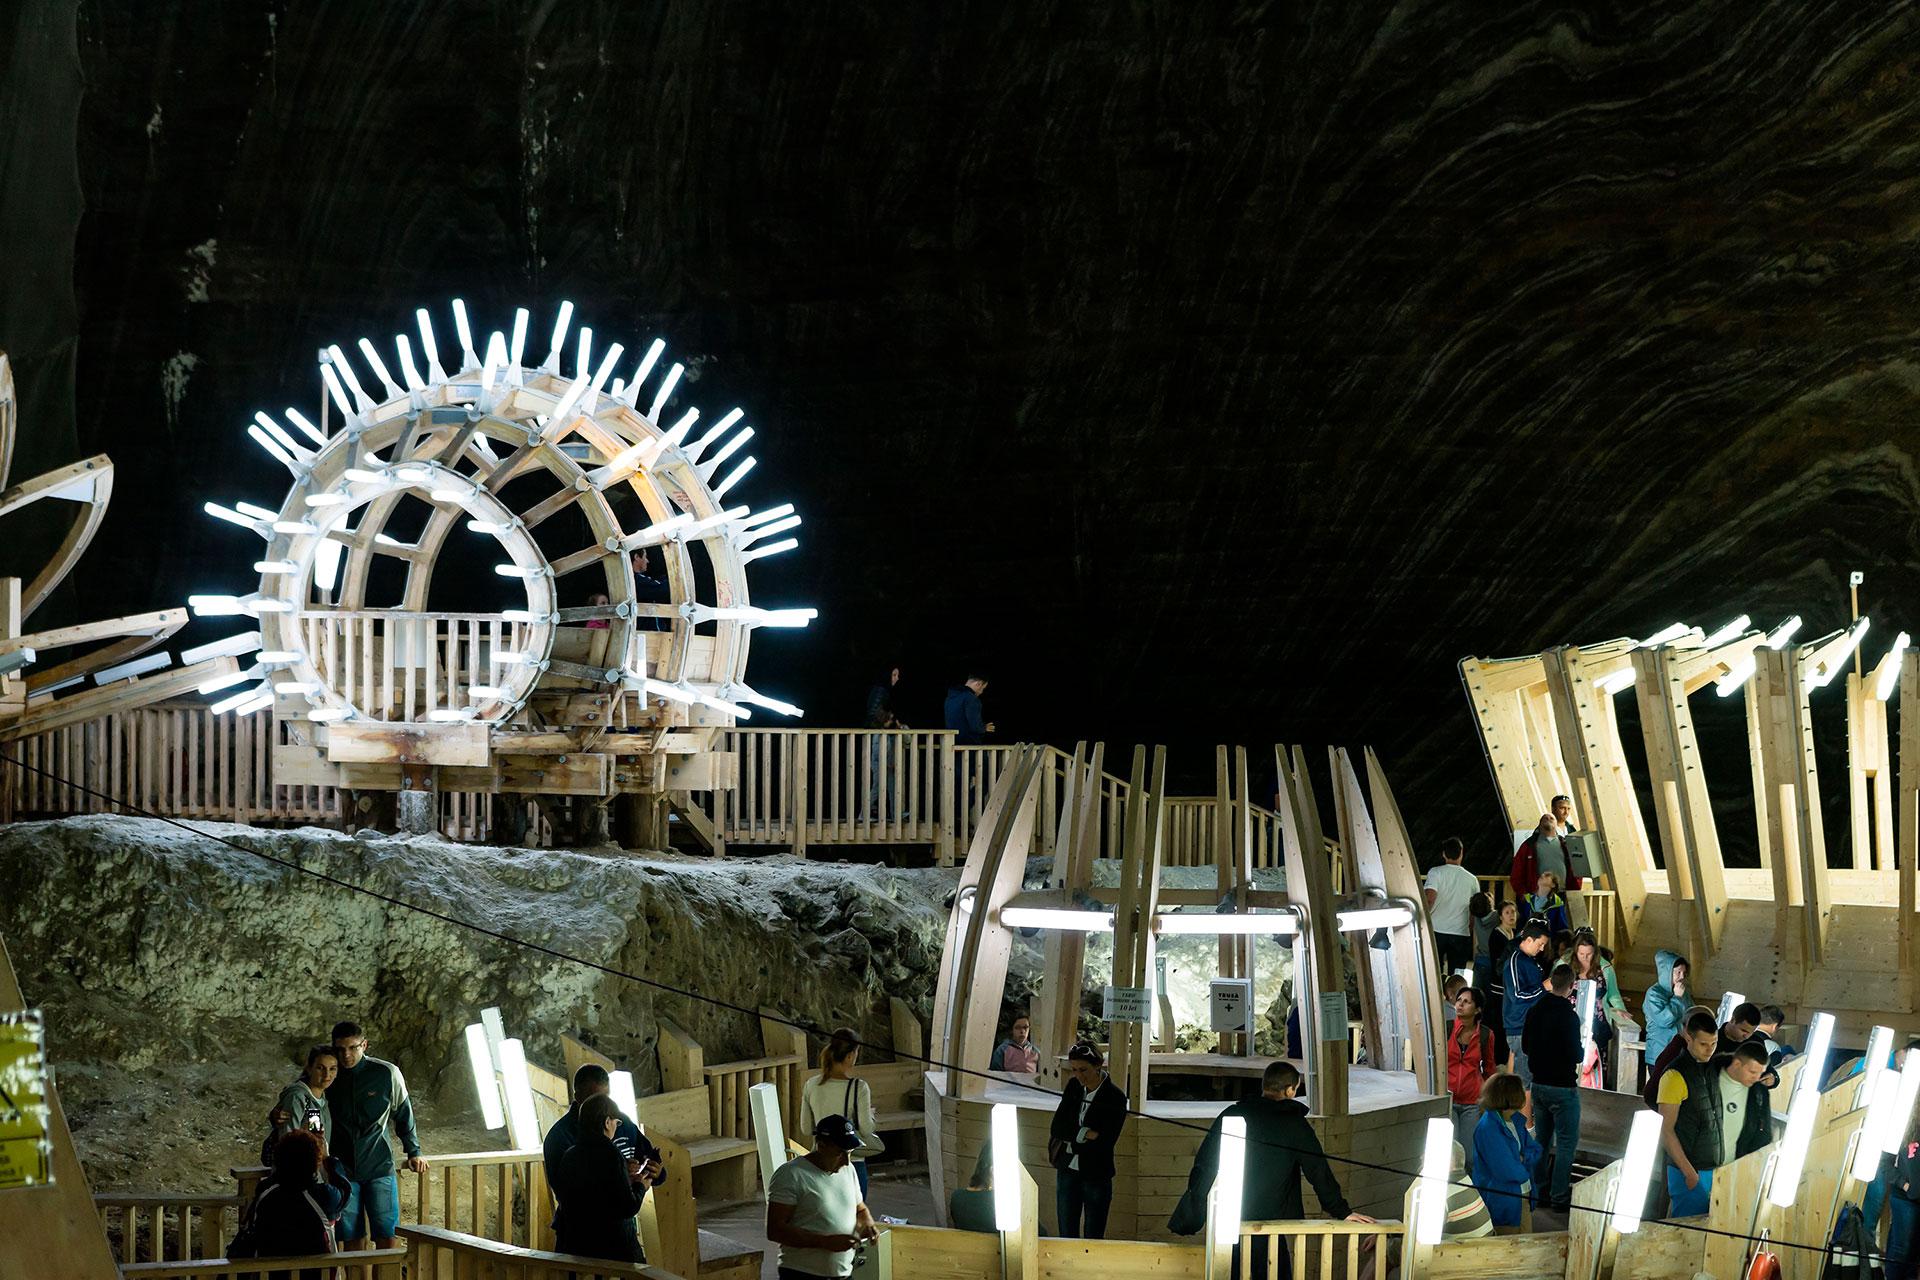 El parque de atracciones cuenta con minigolf, mesas de billar, mesas de ping pong, y una rueda de la fortuna de 20 metros de altura, donde se puede observar desde lo alto los detalles de una antigua cantera rumana